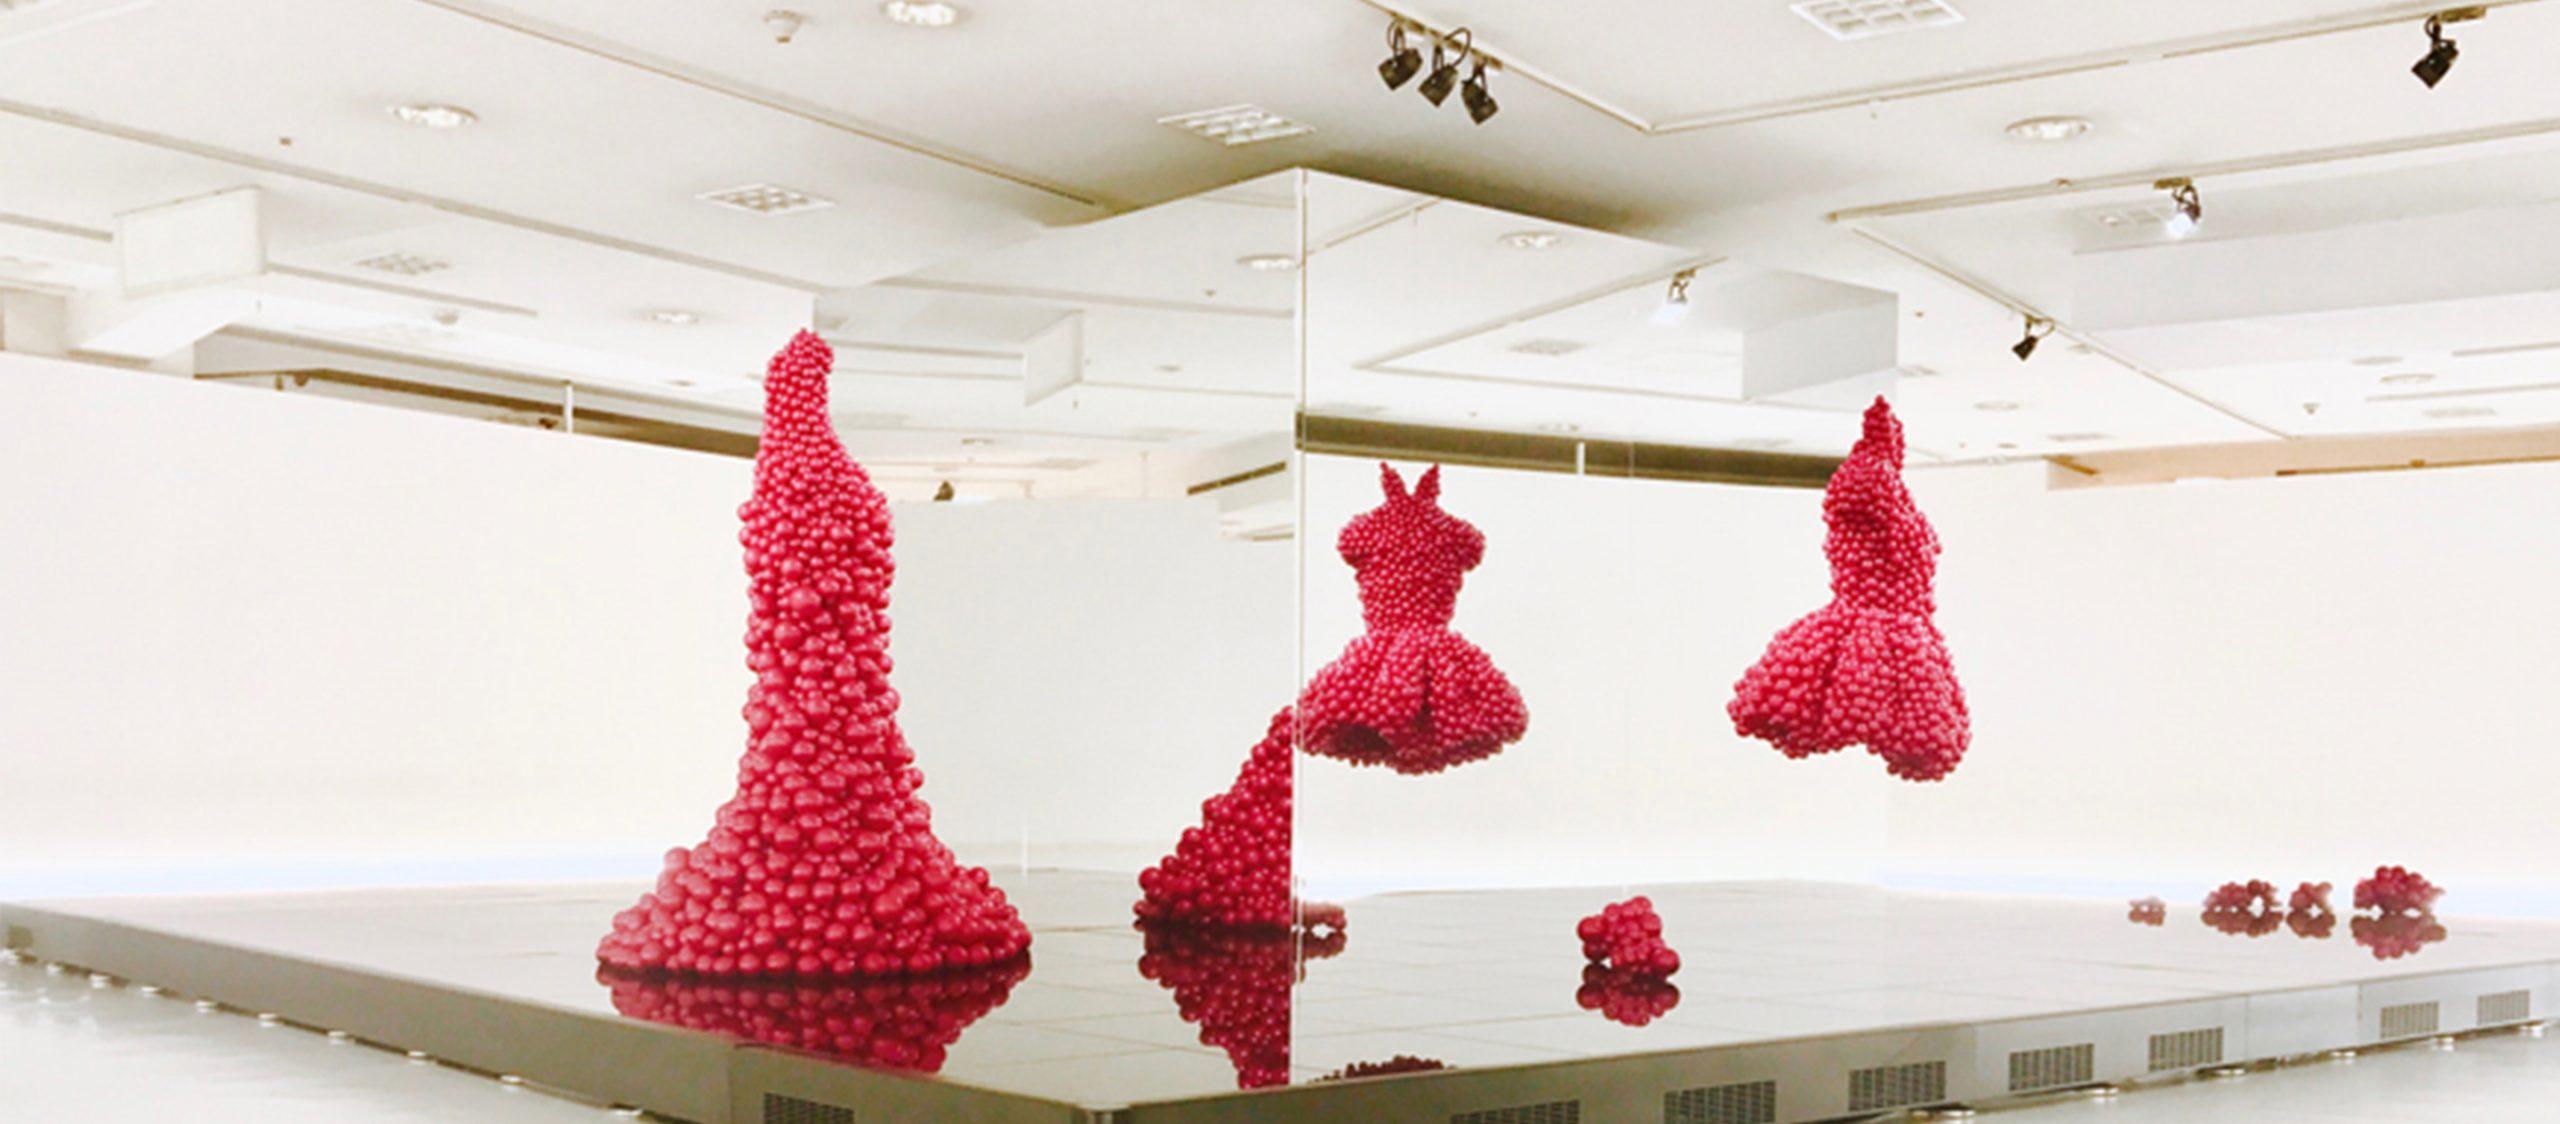 ดอกไม้ / ลูกโป่ง / ชีวิต : ปรัชญาของ Daisy Balloon ศิลปินผู้มอบลมหายใจให้ลูกโป่ง